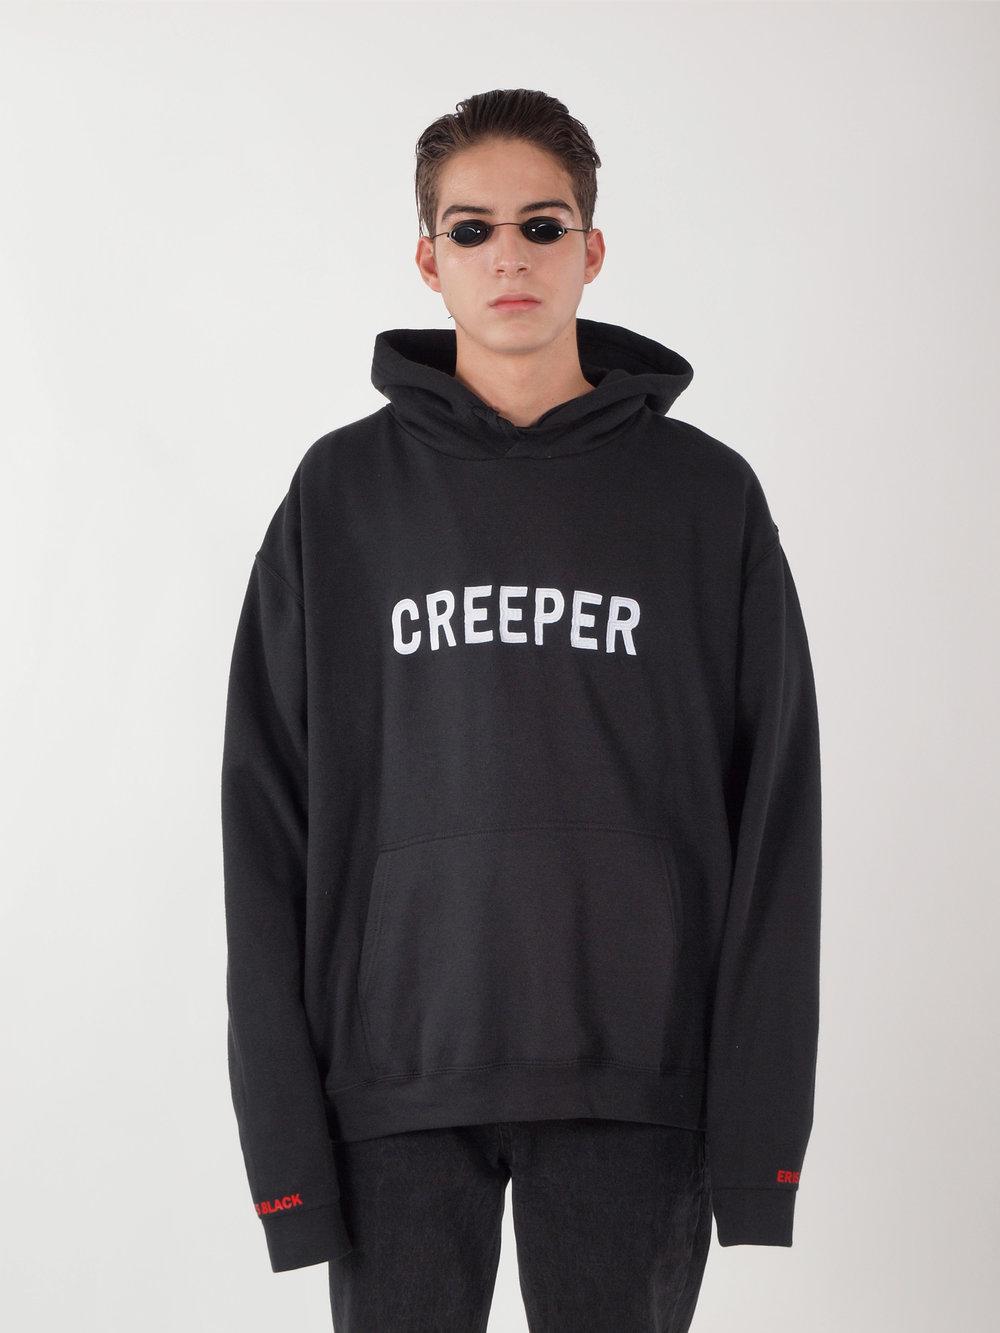 blaack hoodie.jpg